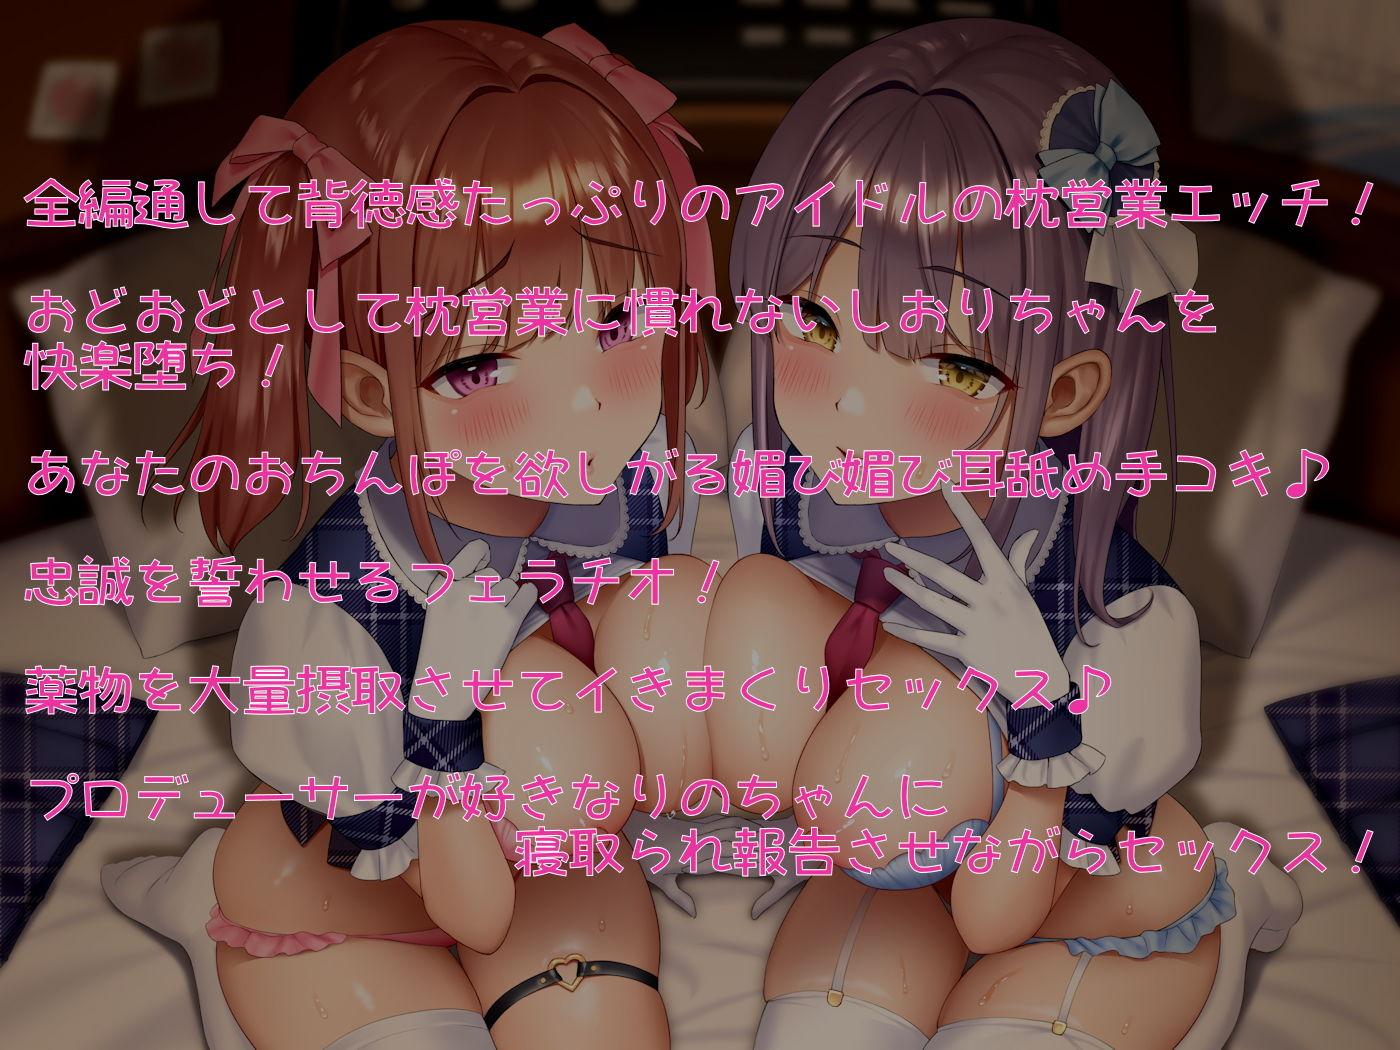 マクラアイドルツインズ【NTR】1